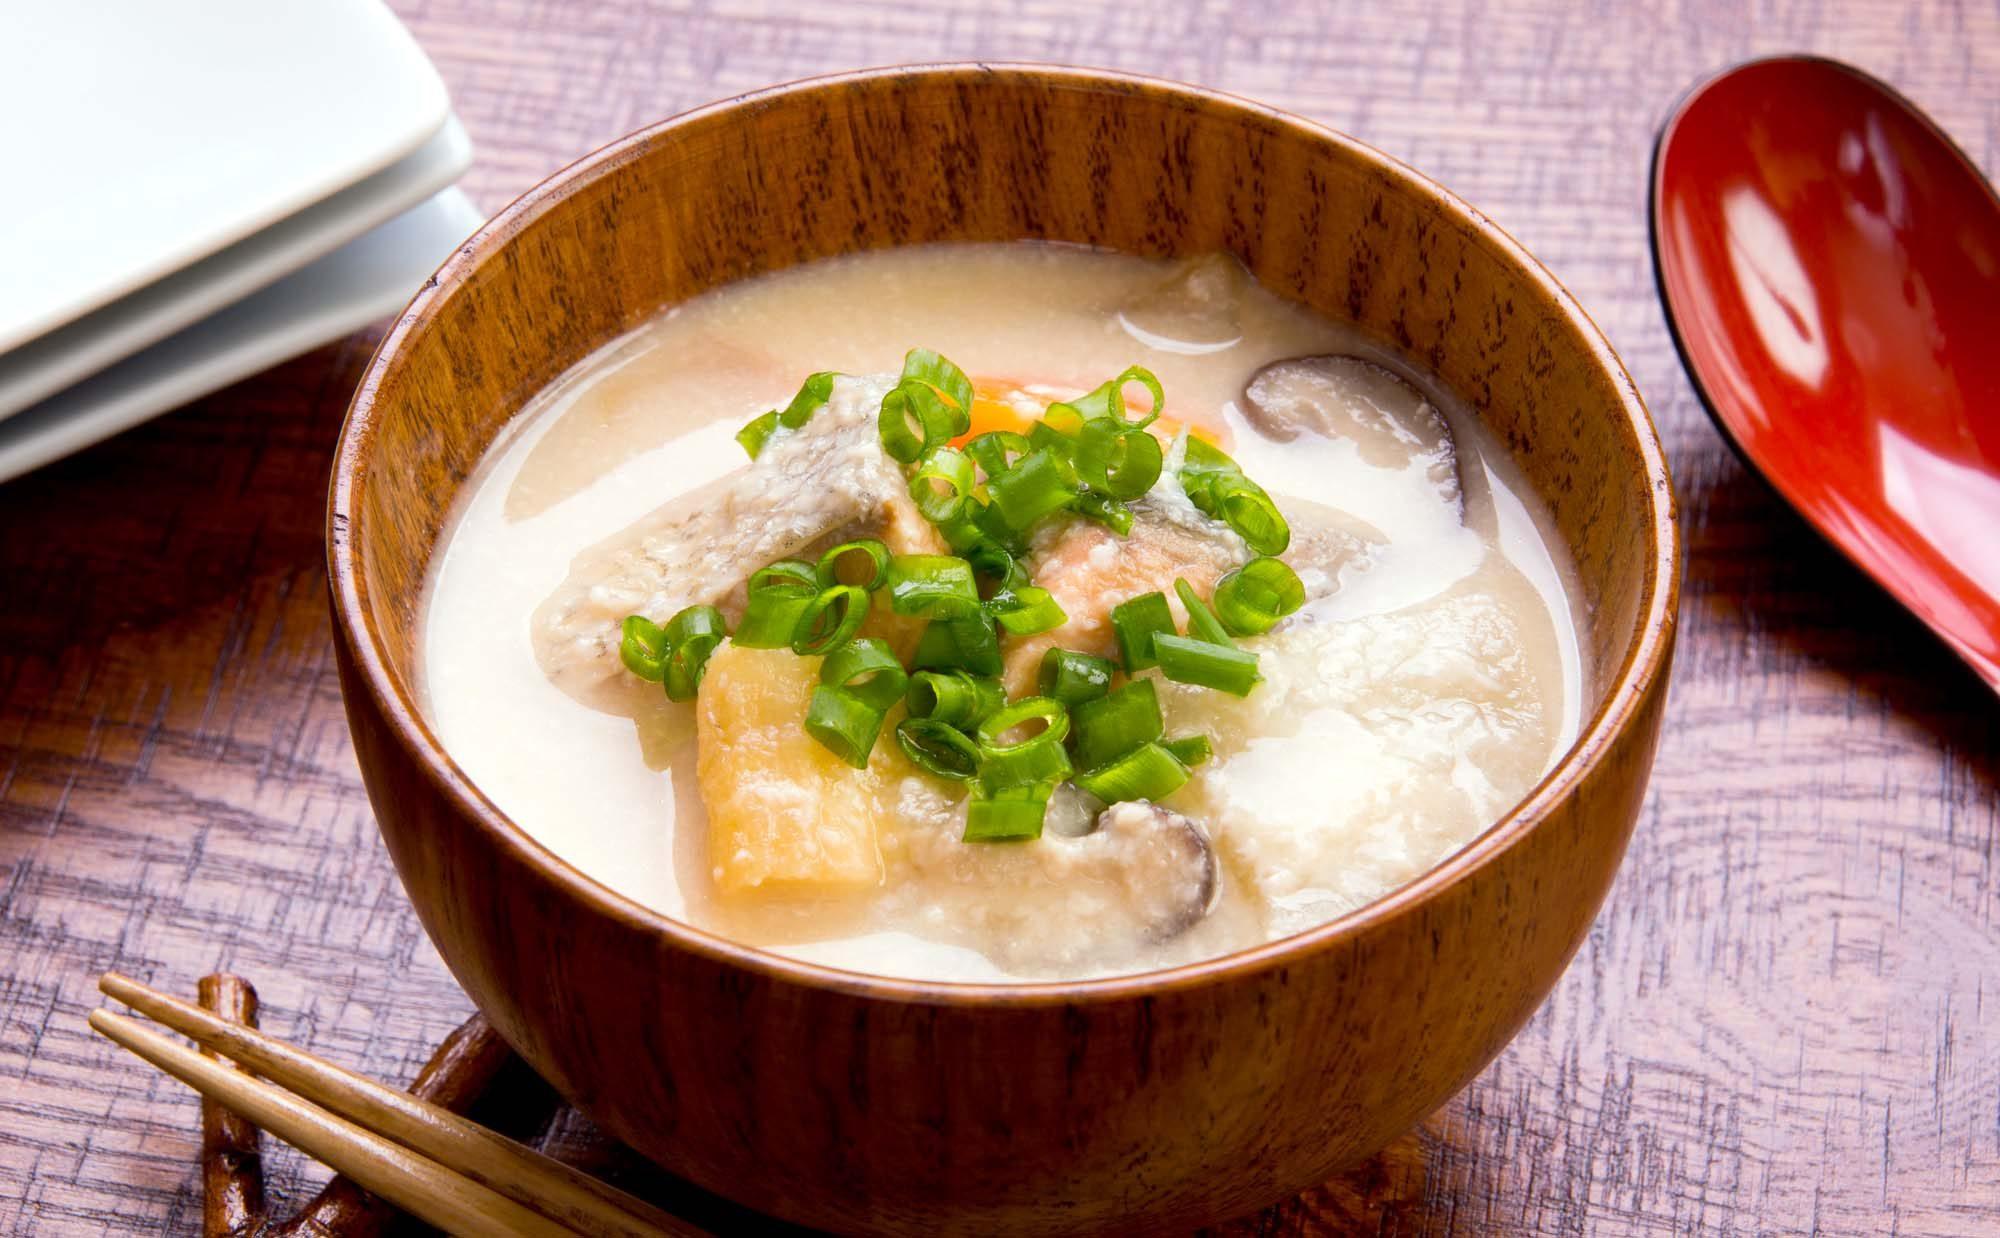 粉もんだけじゃない! 大阪の郷土料理の魅力と家庭のレシピ